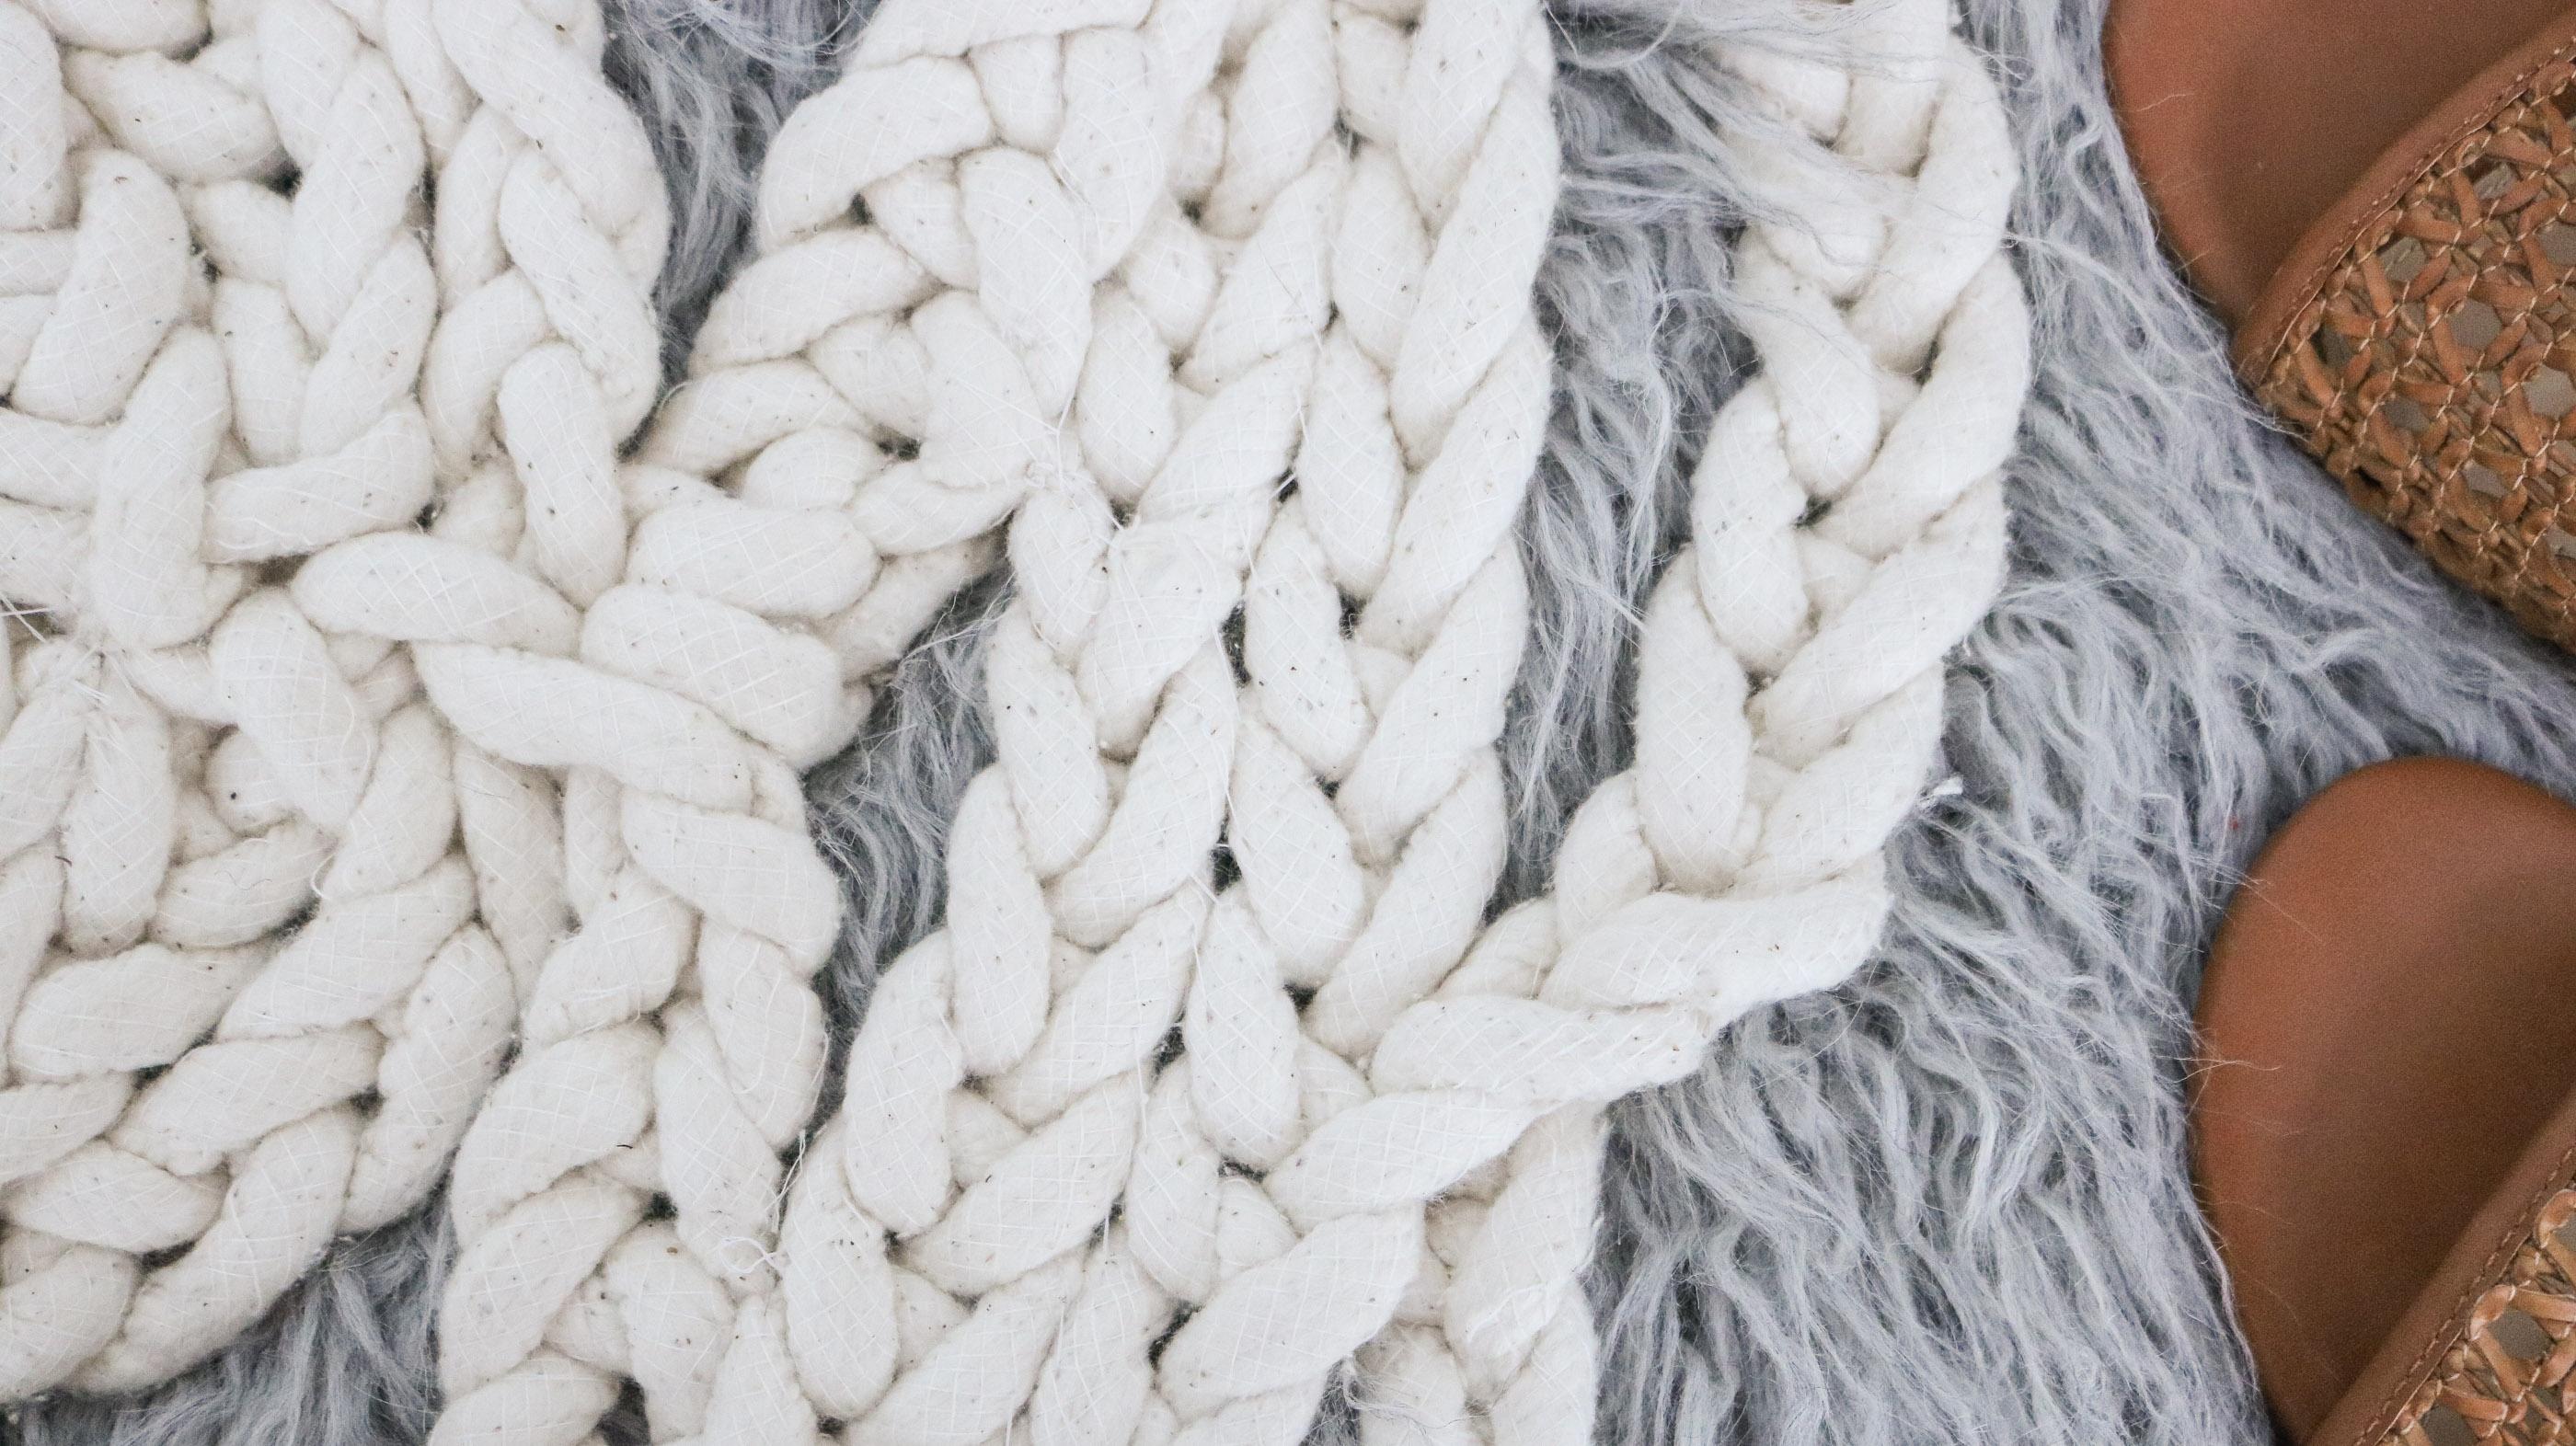 DIY Macrame Rope Rug - Giant Doily! No